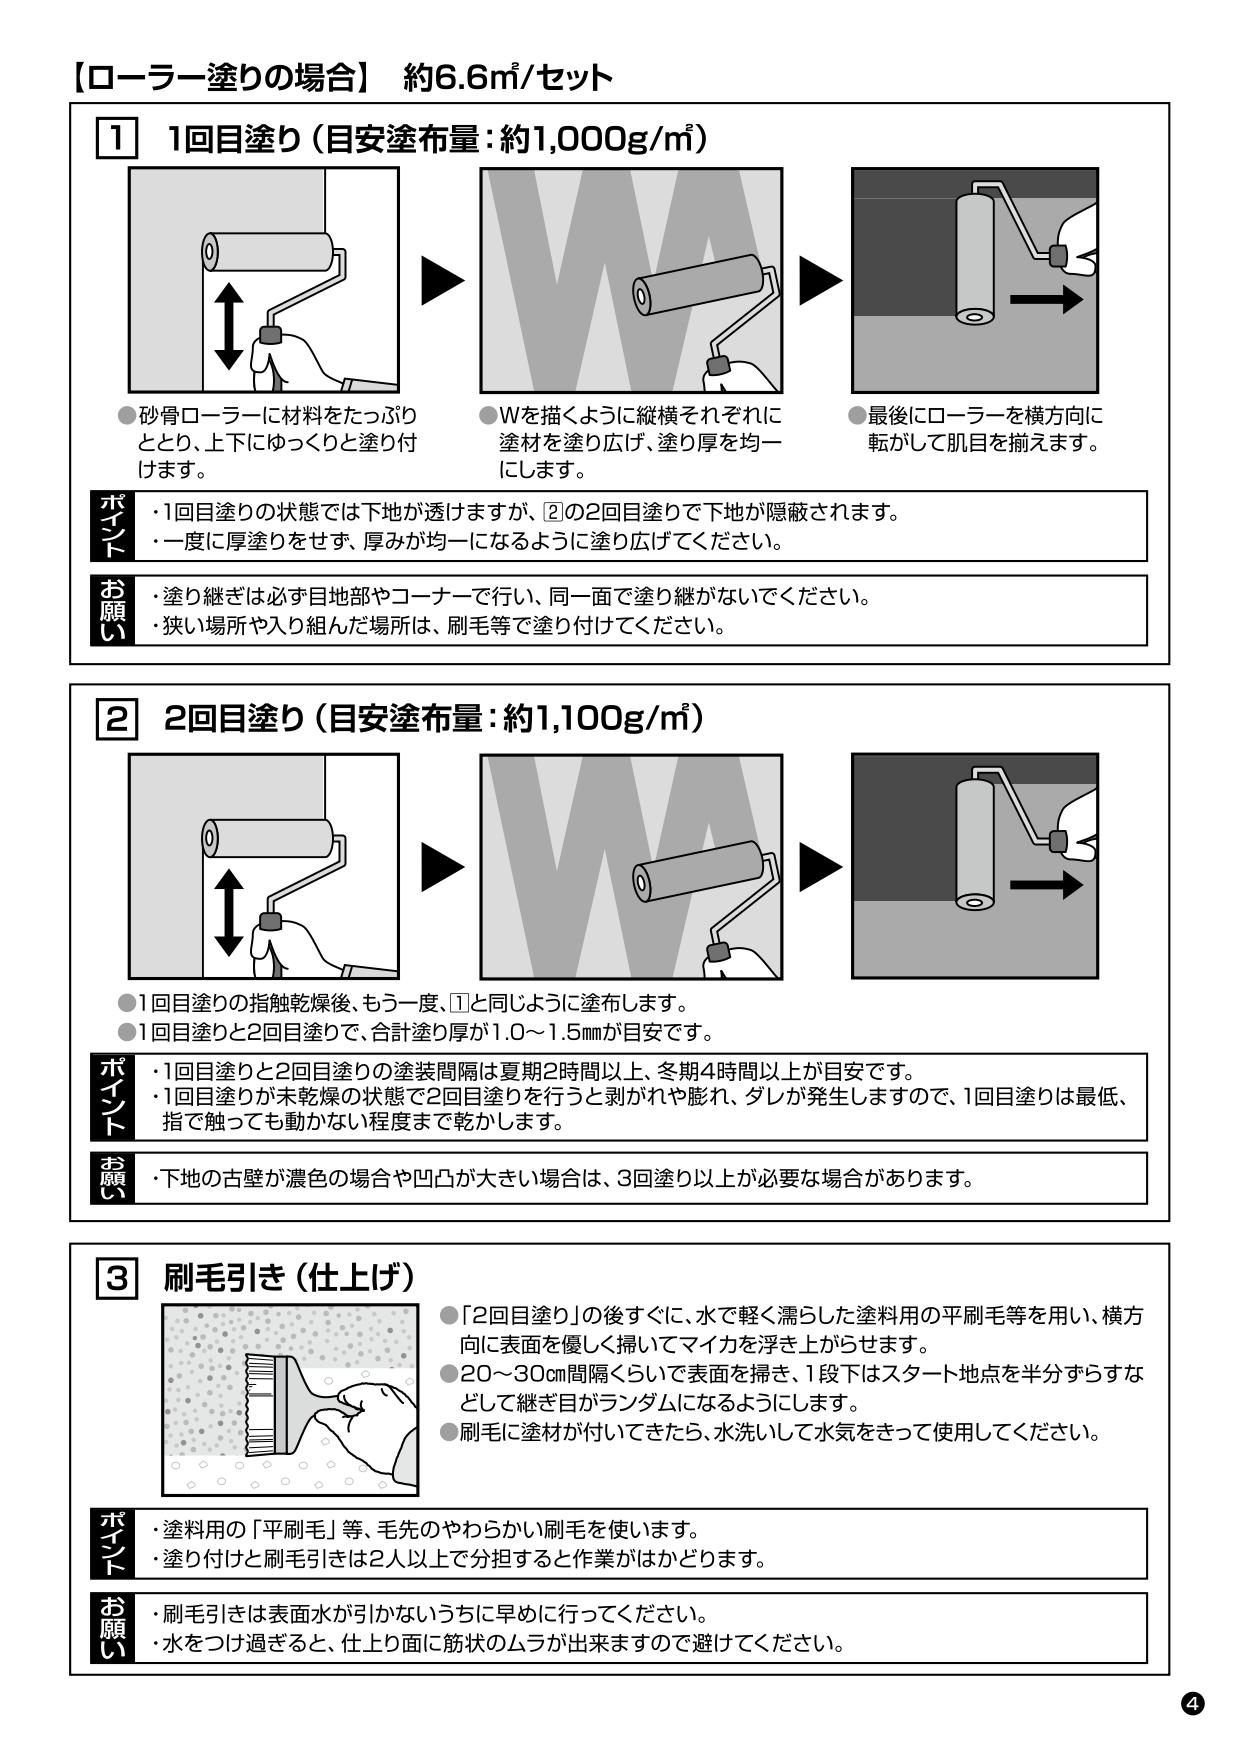 パレットCXローラー塗りタイプ 施工要領書_page-0004